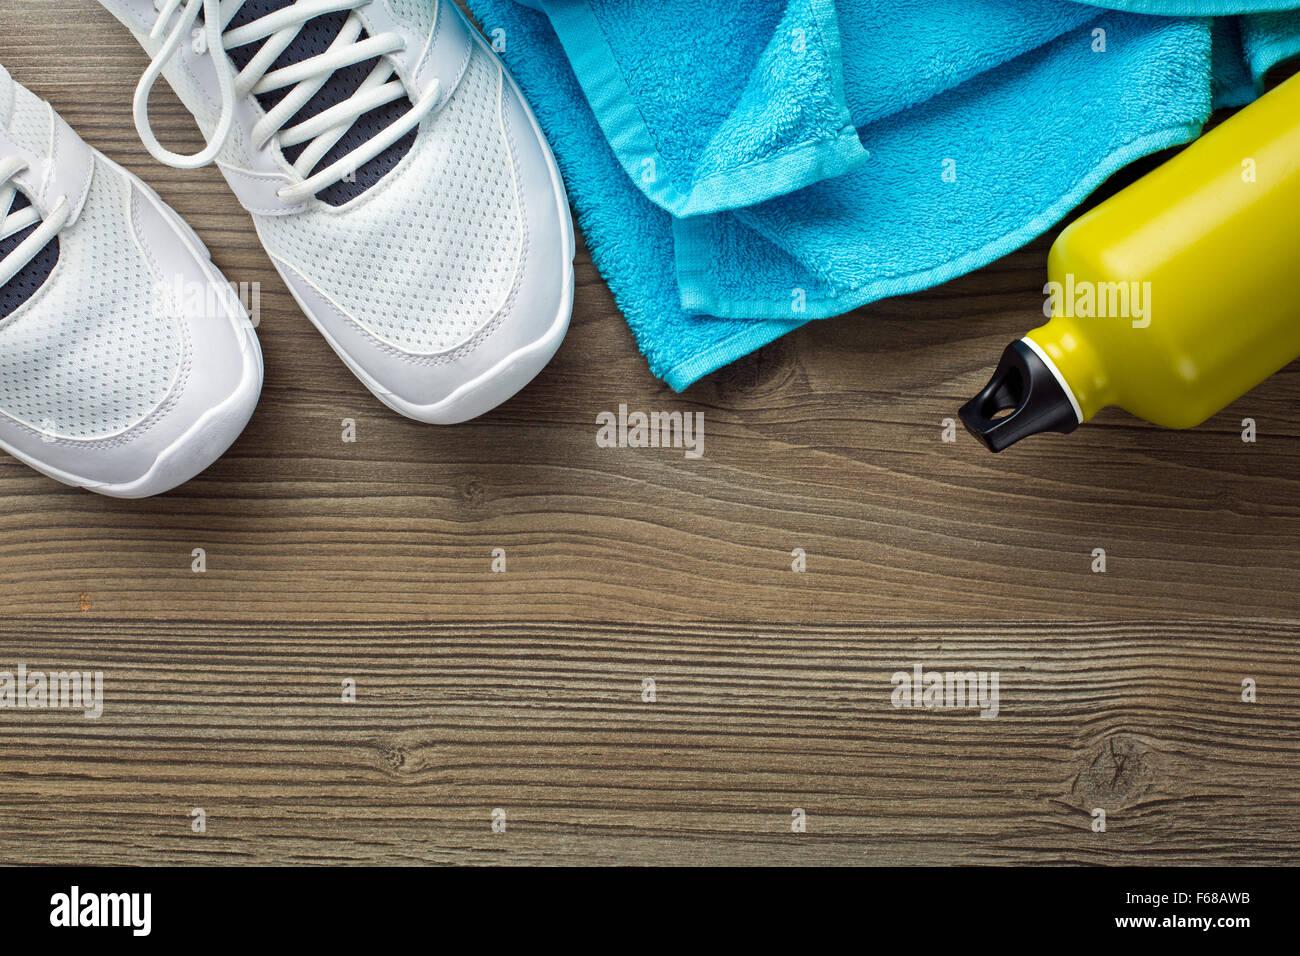 Le concept de sport, chaussures et bouteille. sèche-serviettes Photo Stock